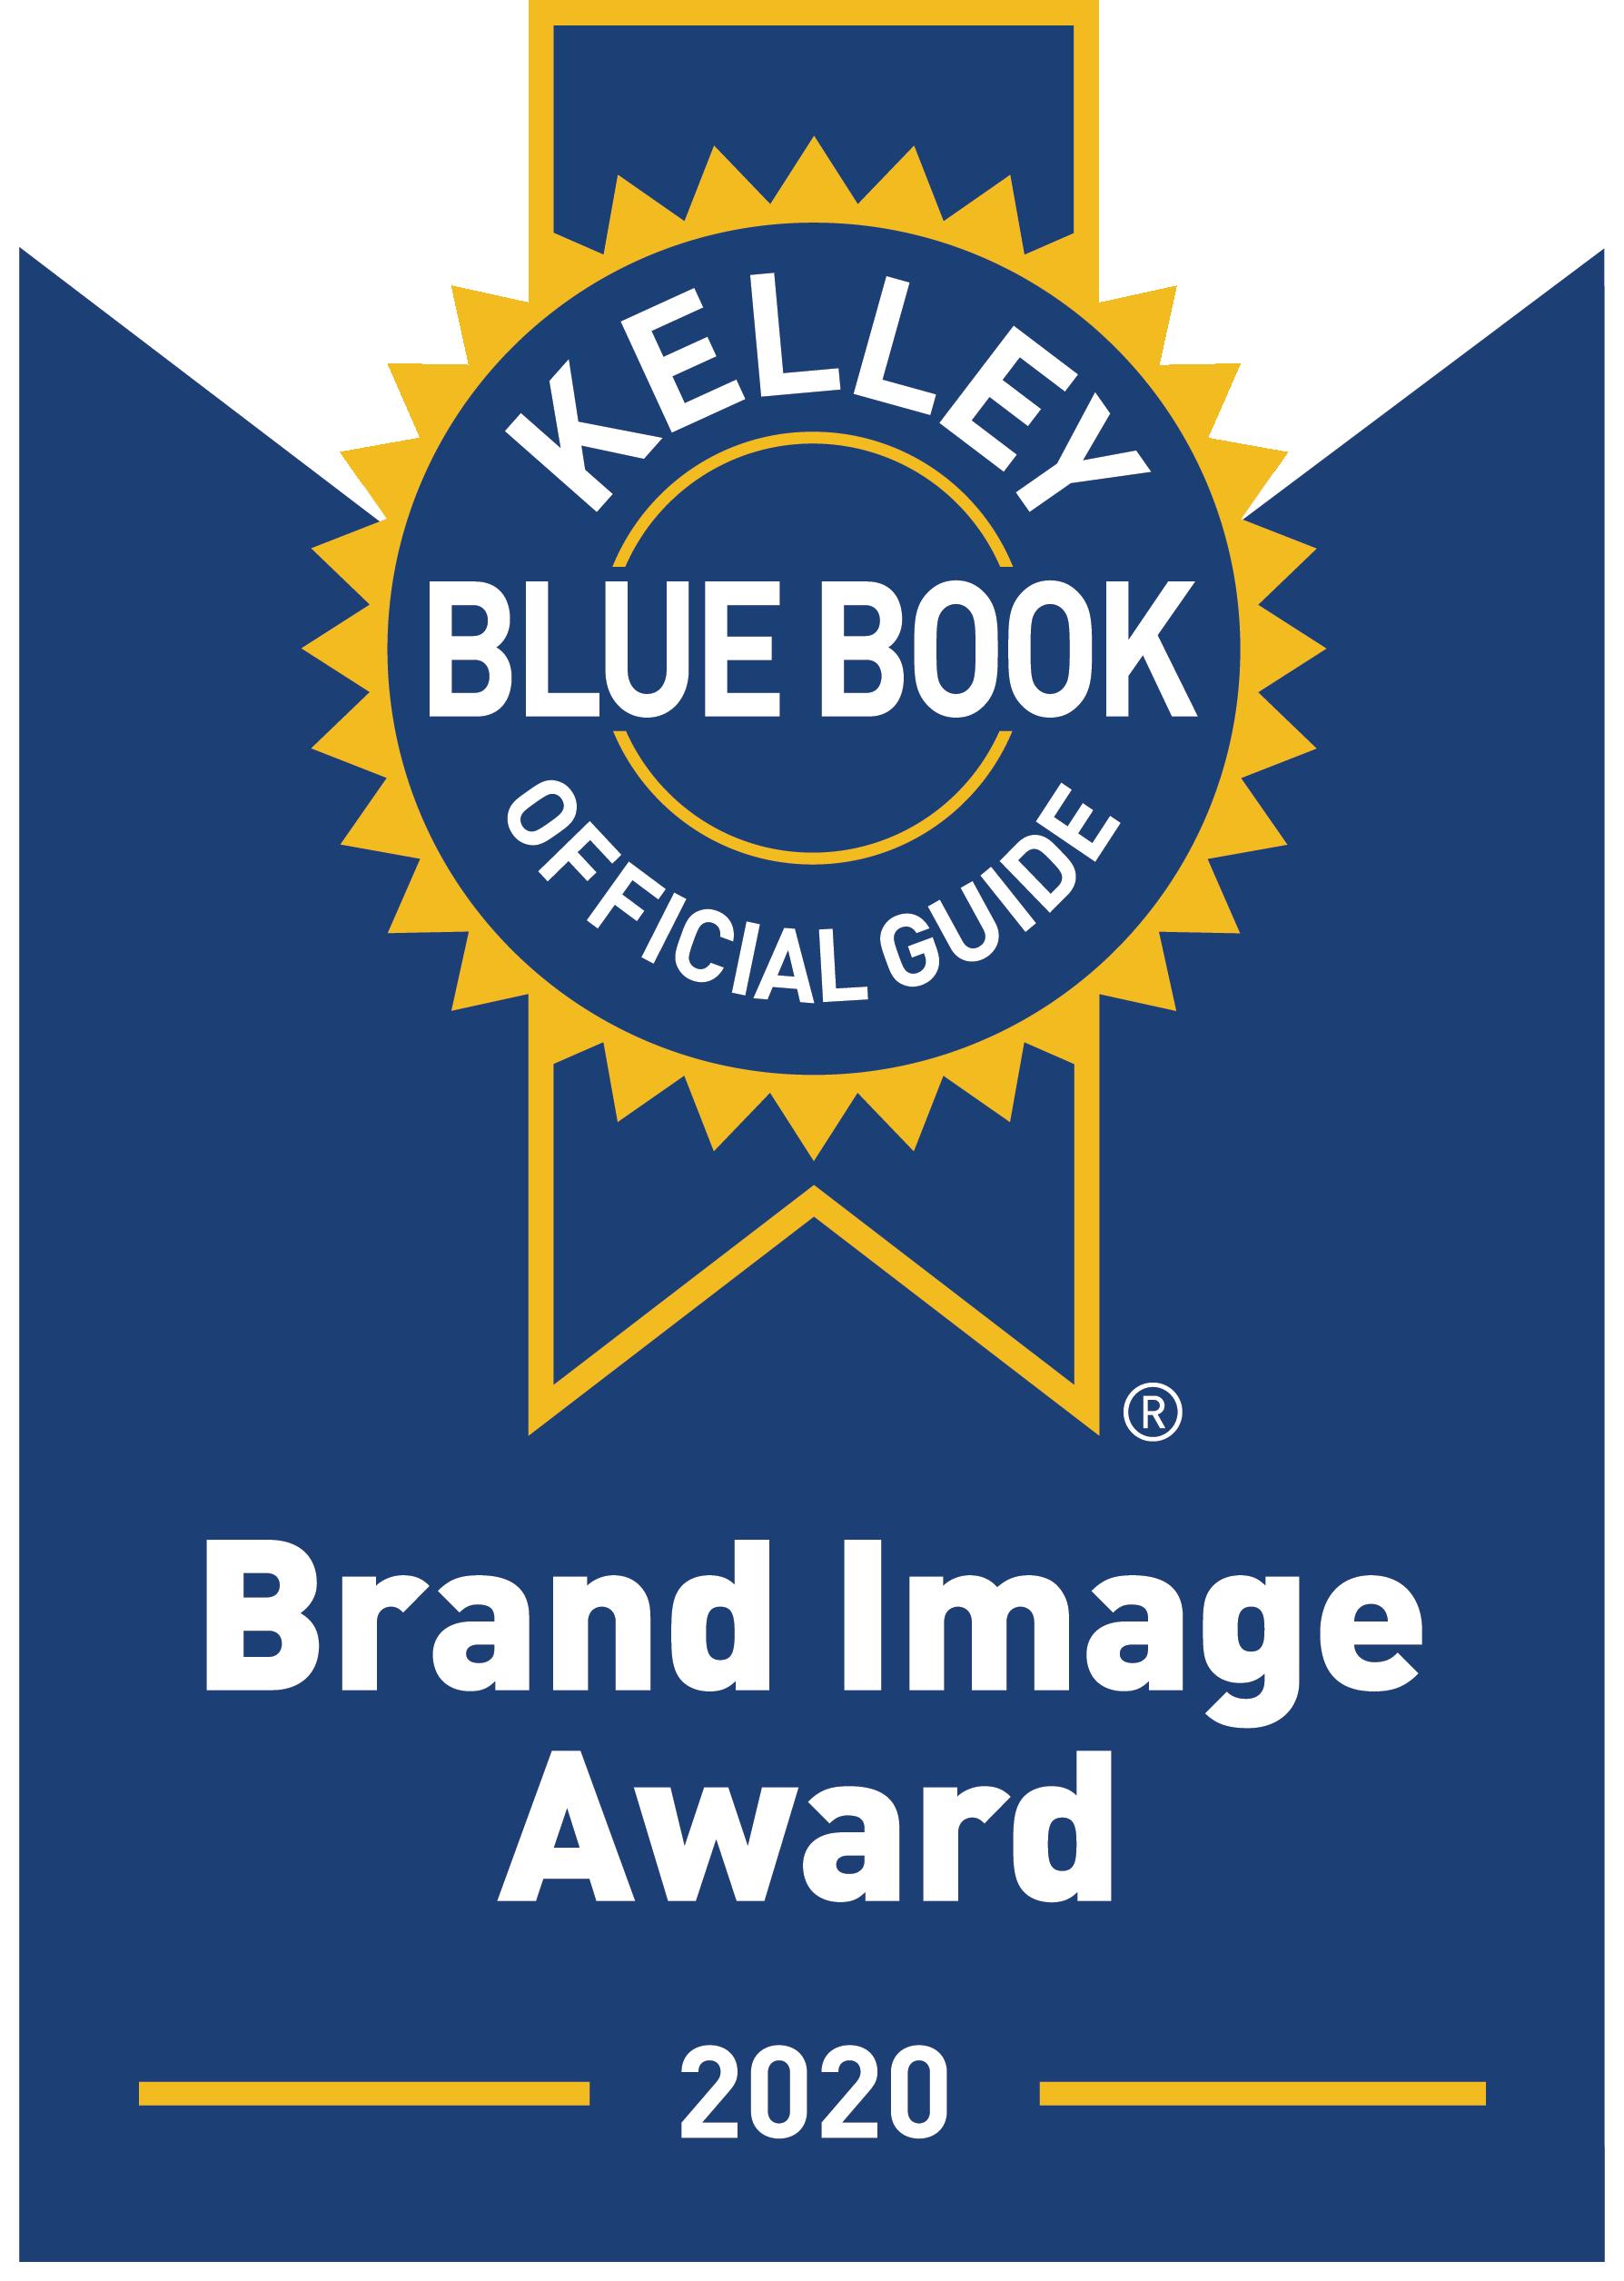 KBB Best overal Brand